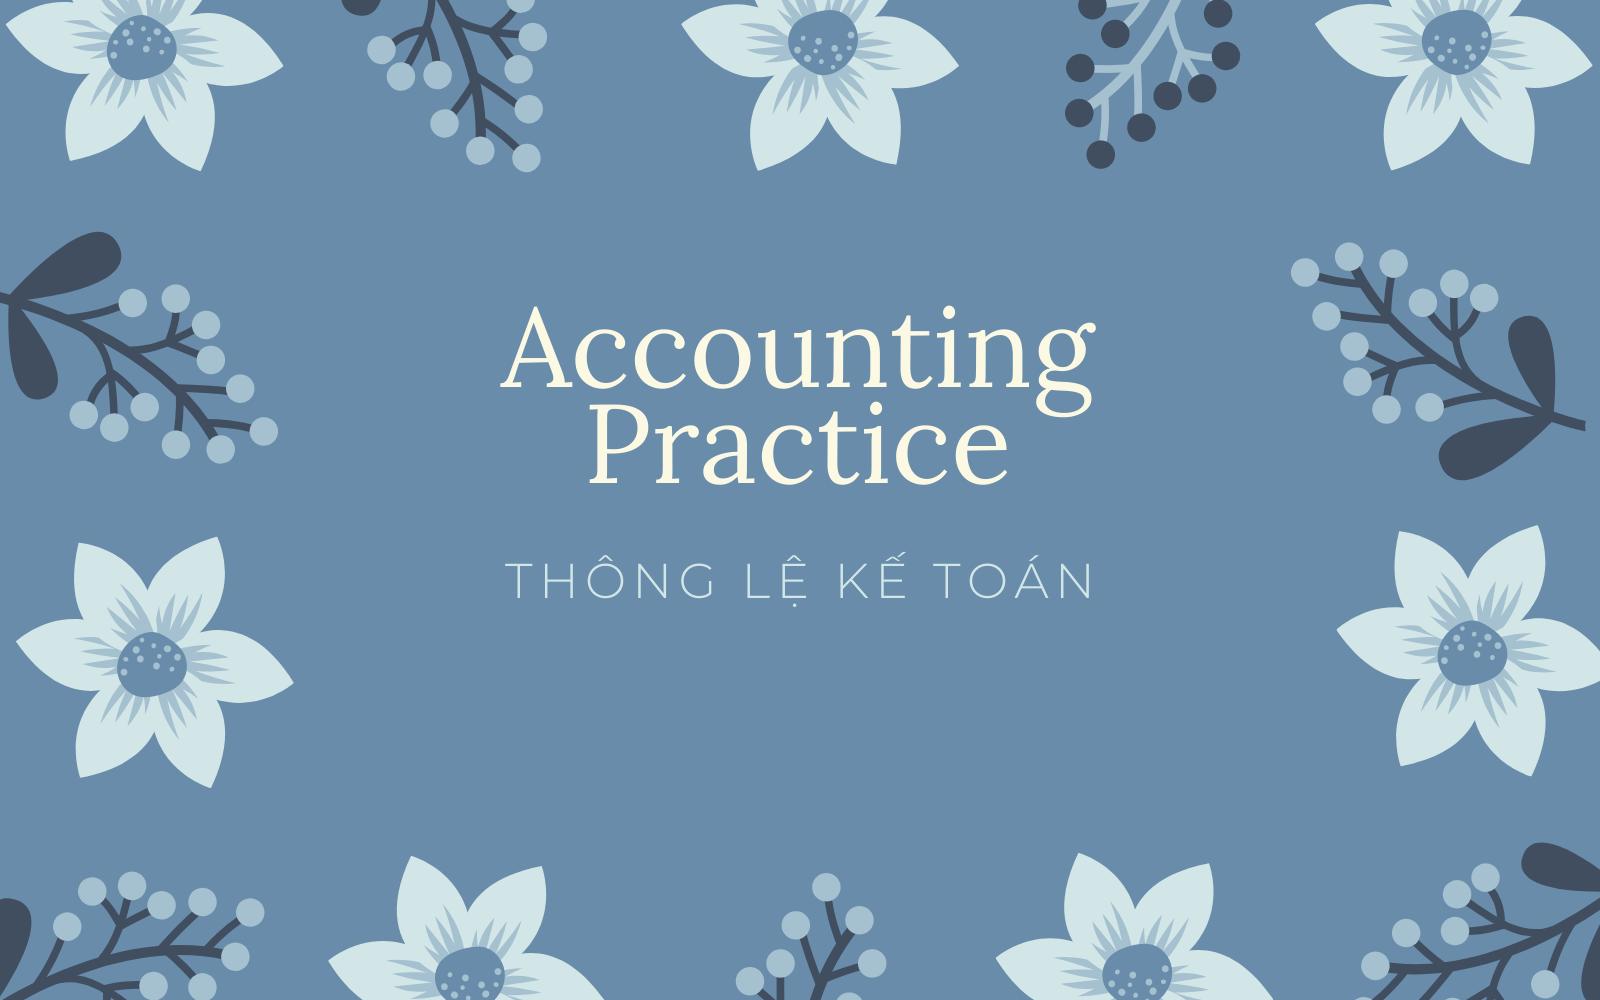 Thông lệ kế toán (Accounting Practice) là gì? Hiểu về Thông lệ kế toán - Ảnh 1.